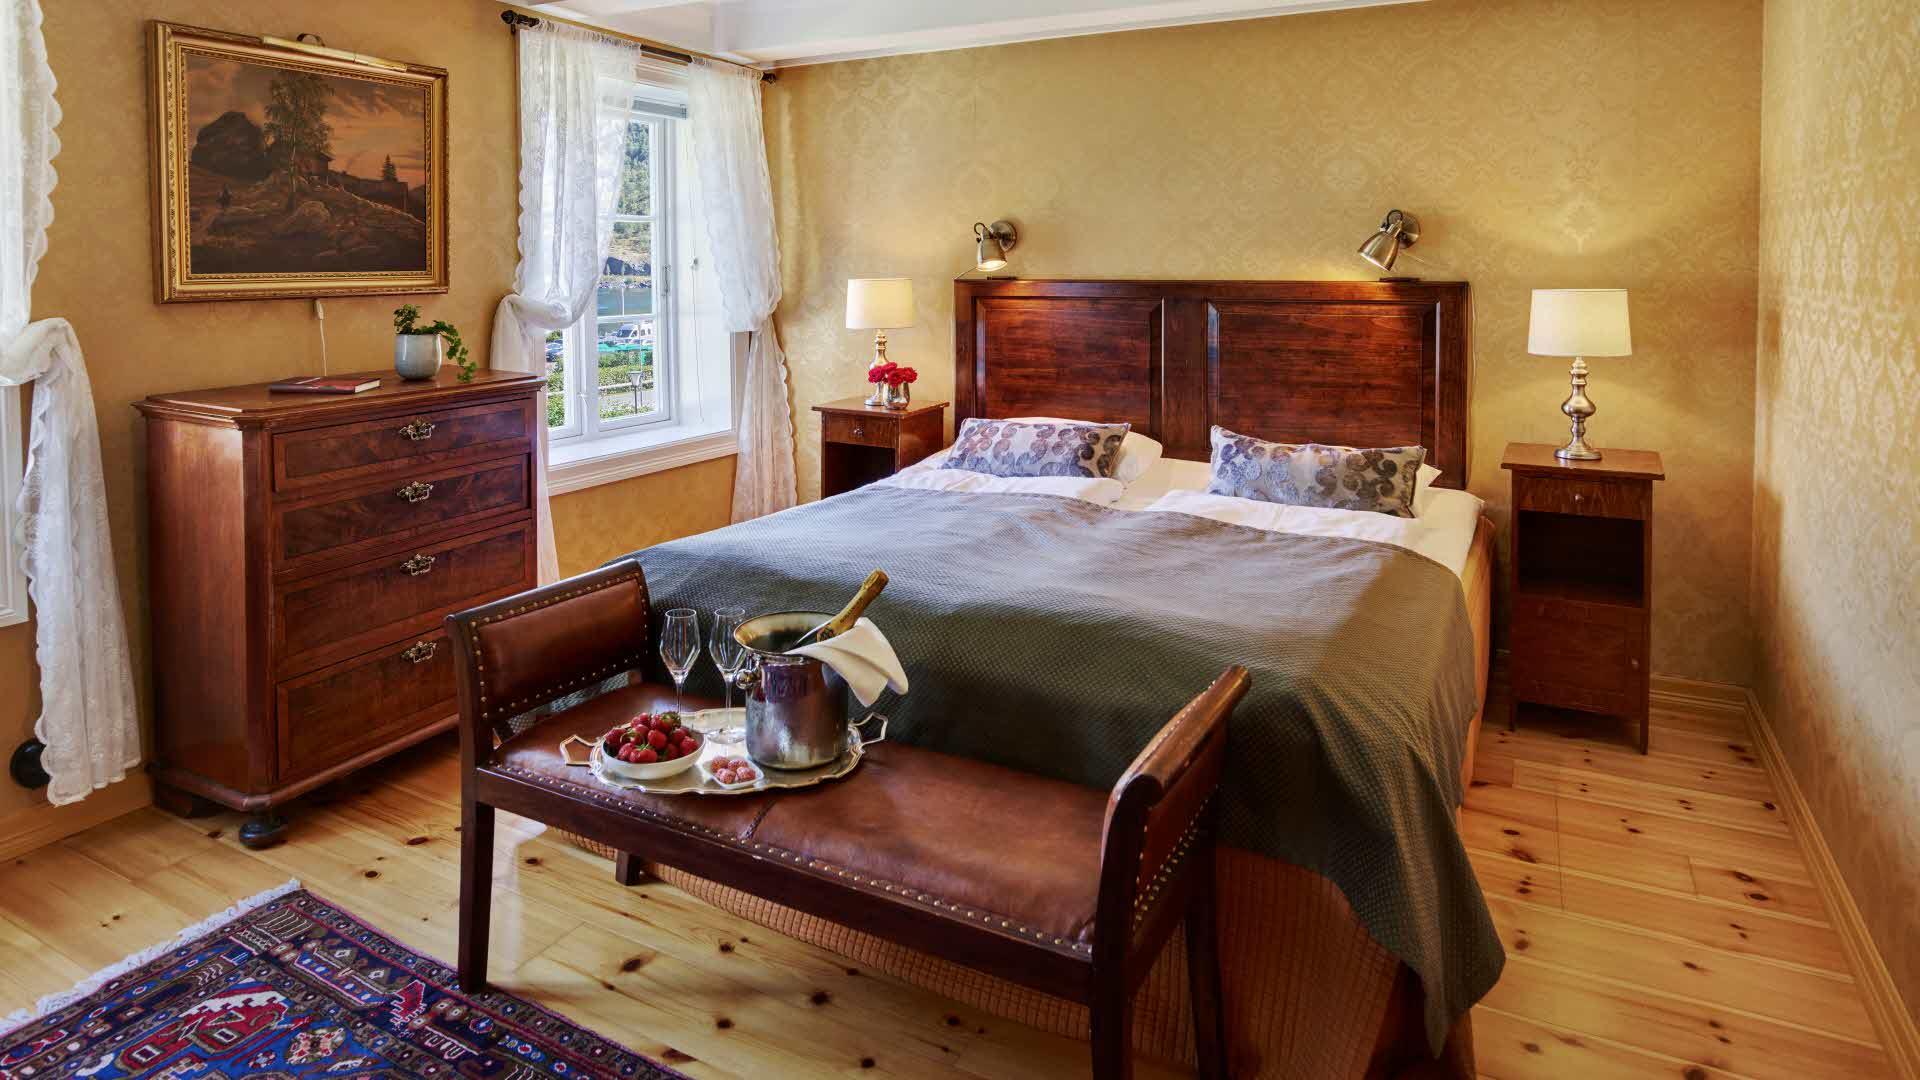 Historisk rom på Fretheim Hotel med dobbeltseng, blondegardiner og et brett med champagne og jordbær oppå en antikk benk i skinn